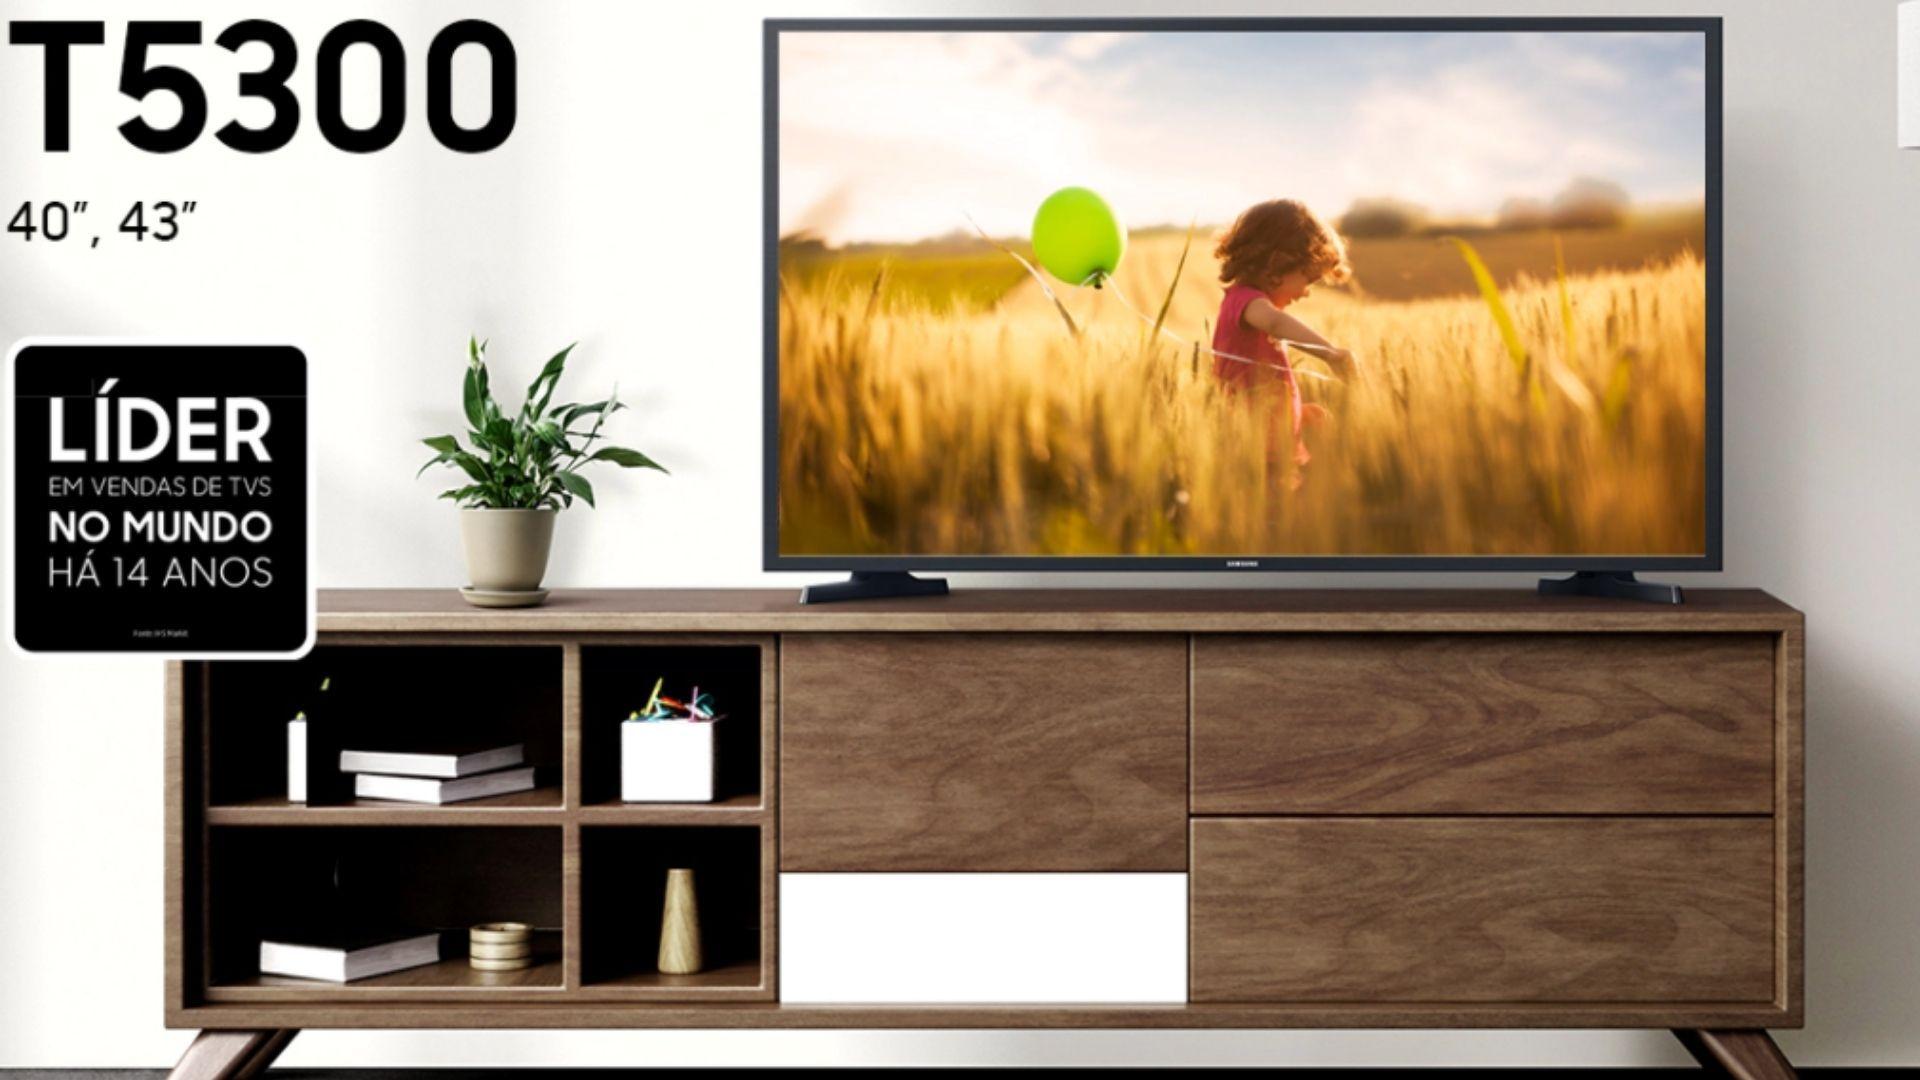 TV Samsung T5300 chega com tamanhos de 40 e 43 polegadas. (Imagem: Divulgação/Samsung)